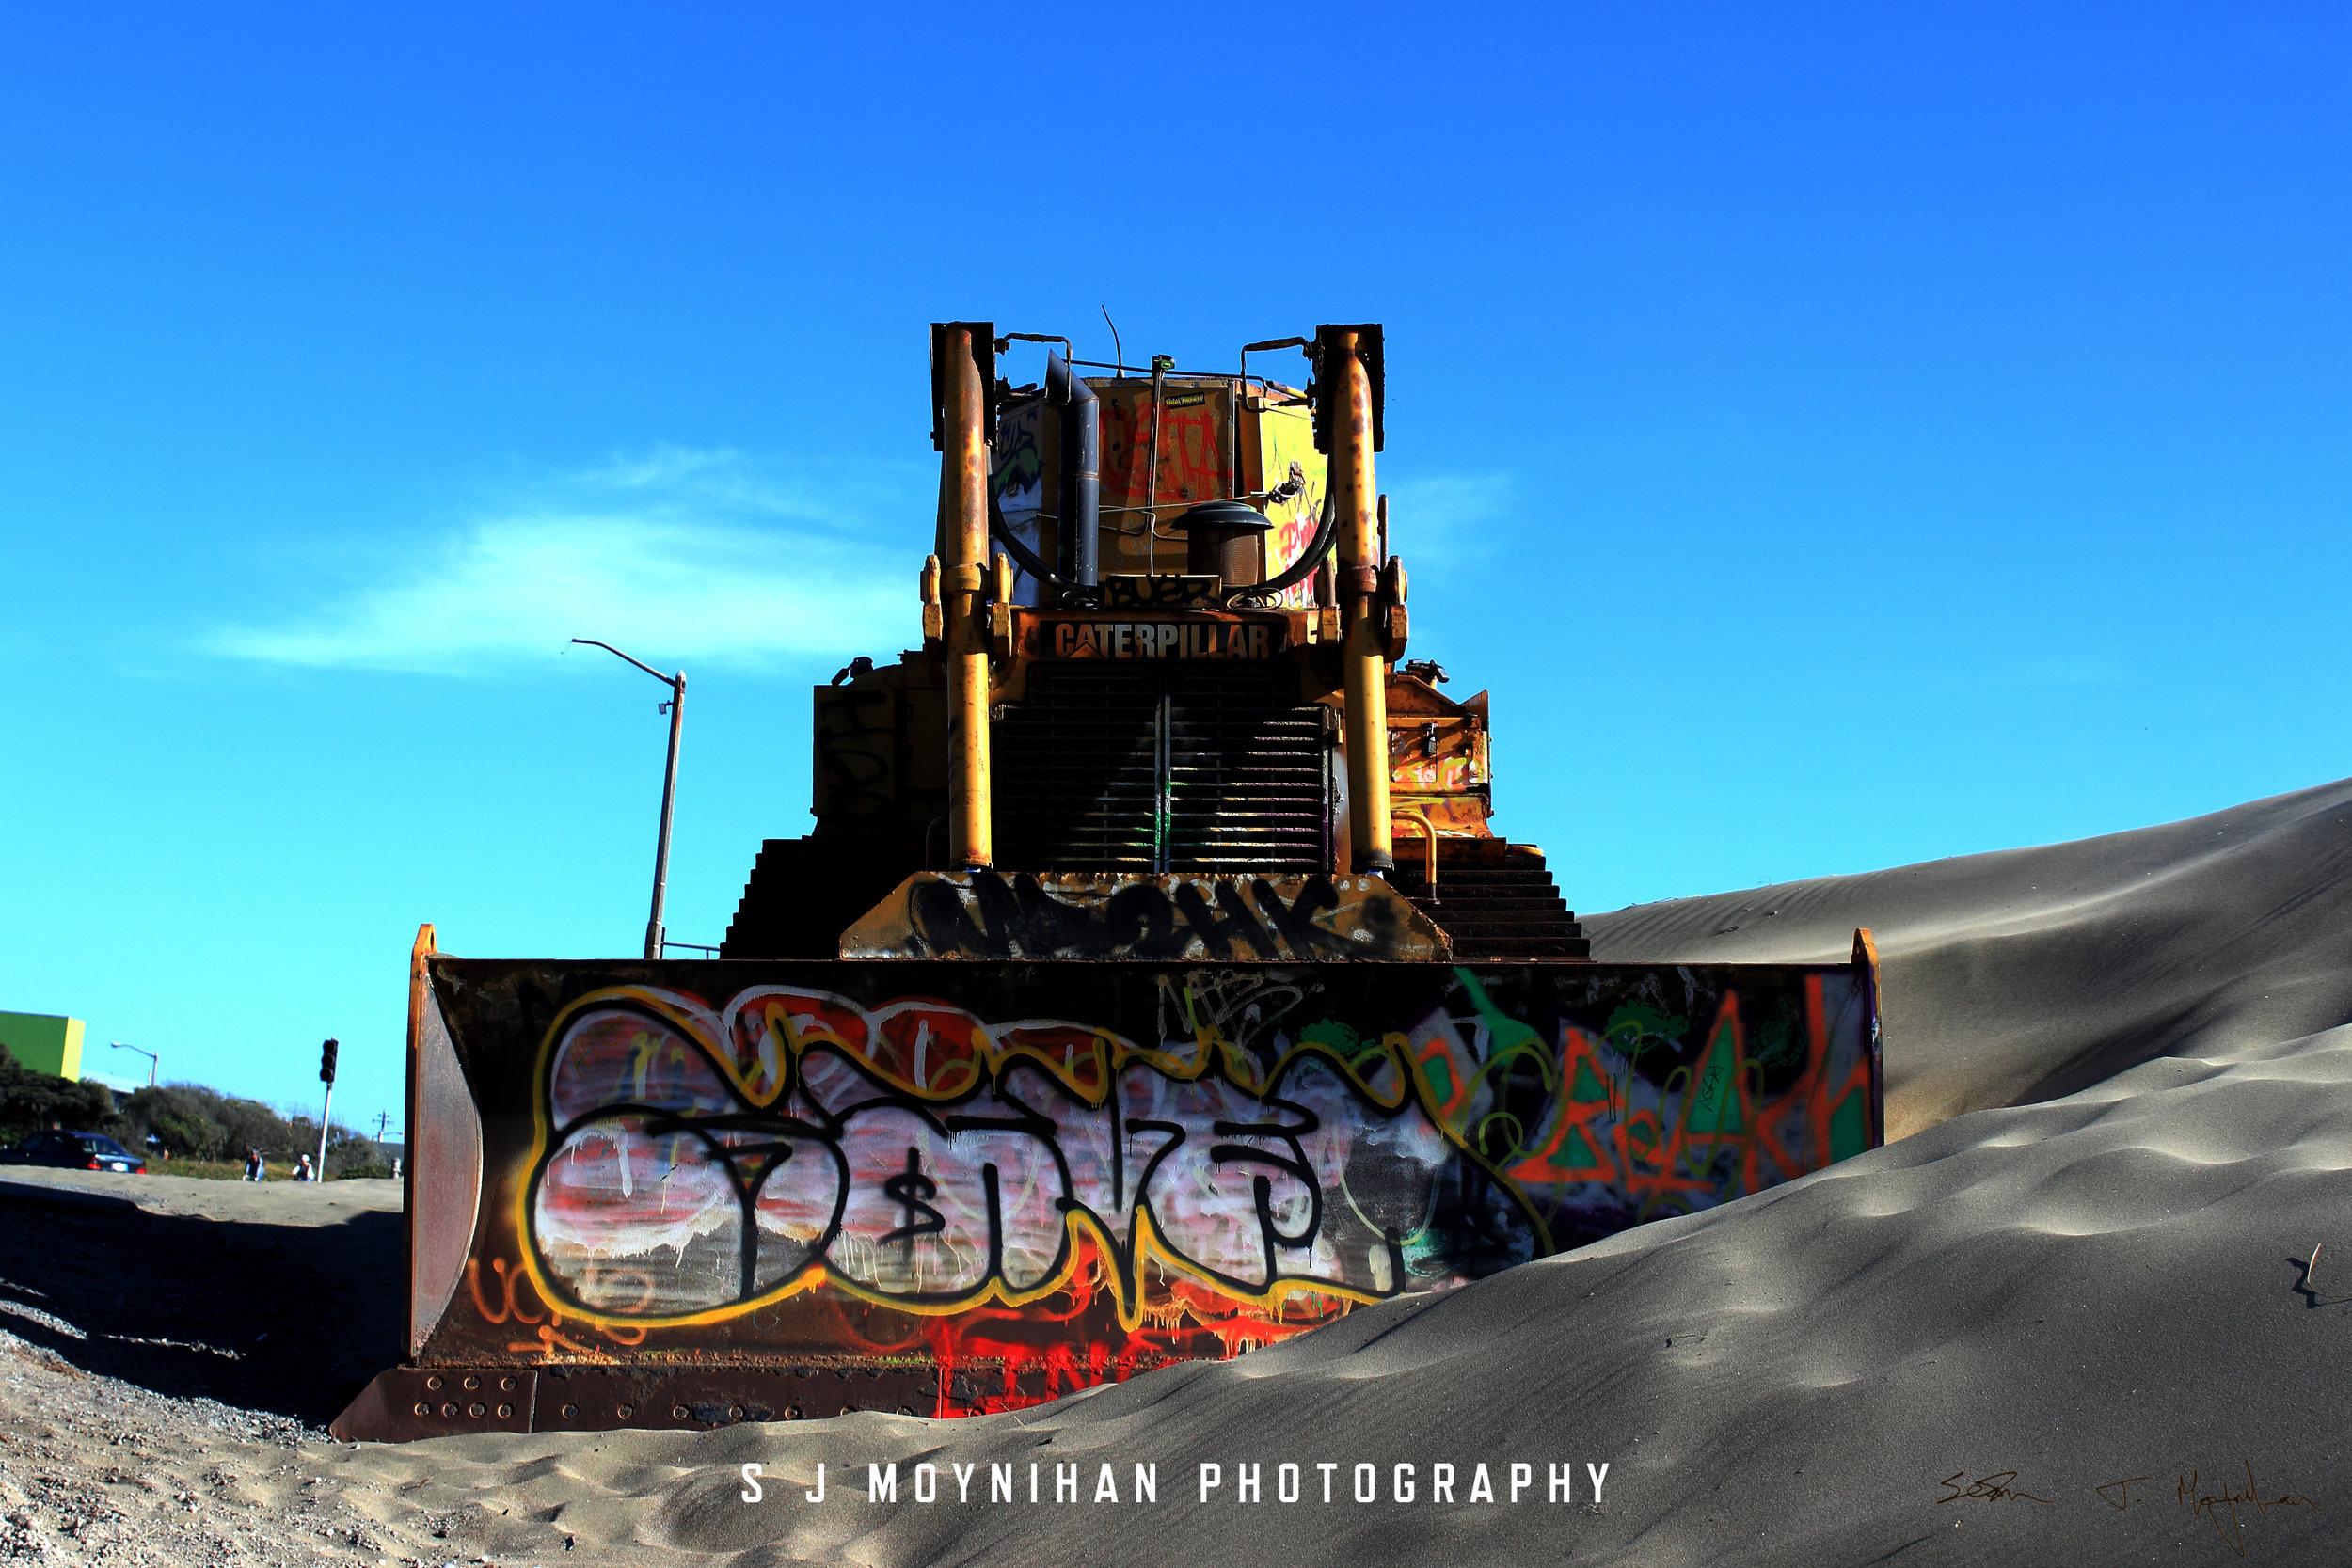 Graffiti-Caterpillar-Signature.jpg